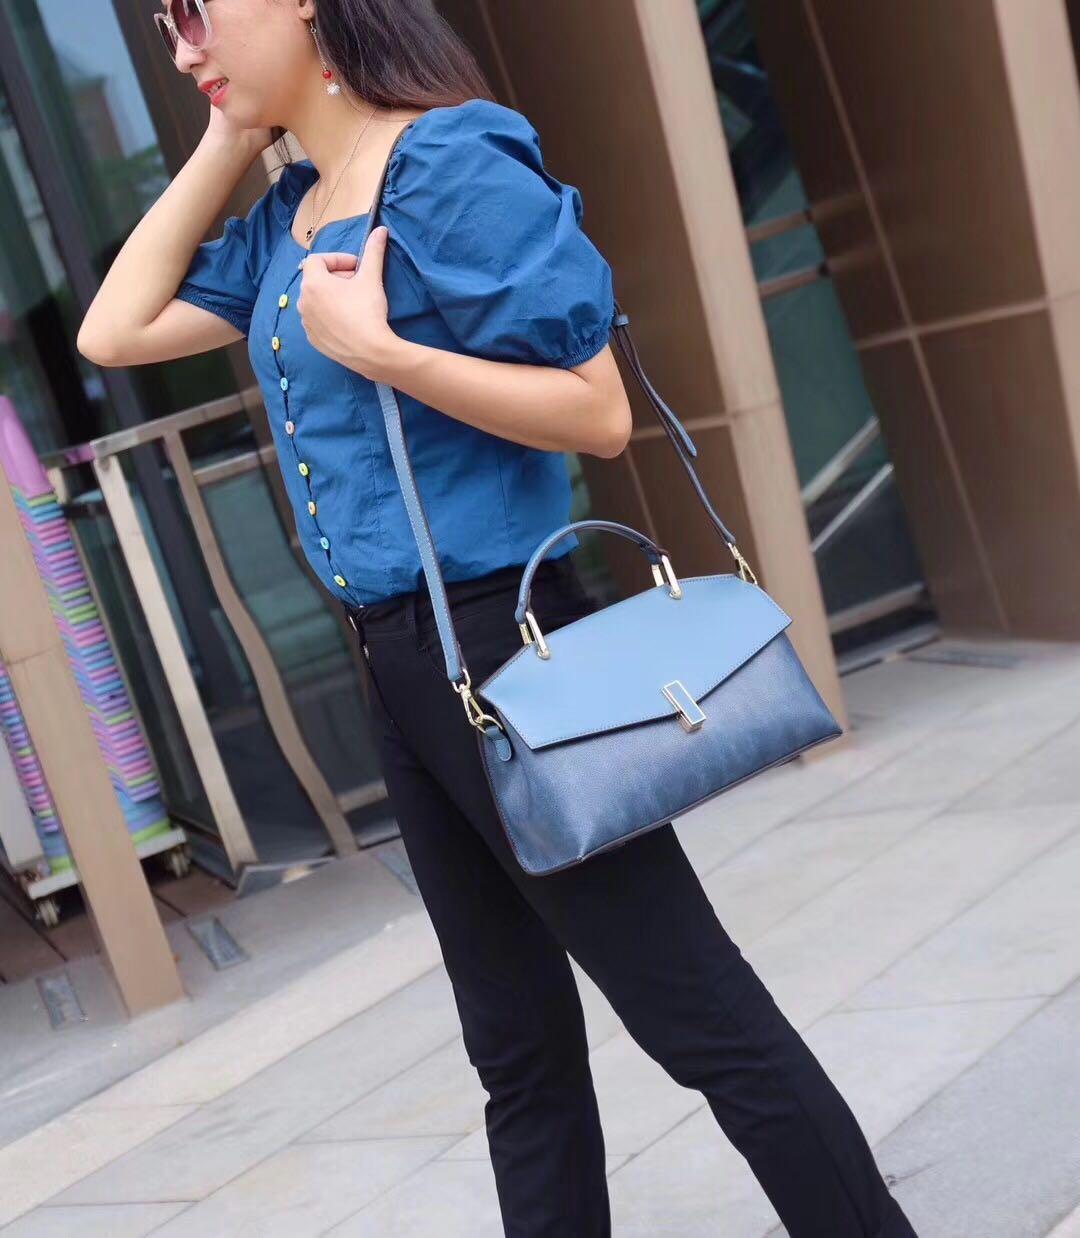 糖果色时尚手提包 新款撞色大容量手提包森系糖果色韩版时尚休闲百搭网红同款女包_推荐淘宝好看的女糖果色手提包